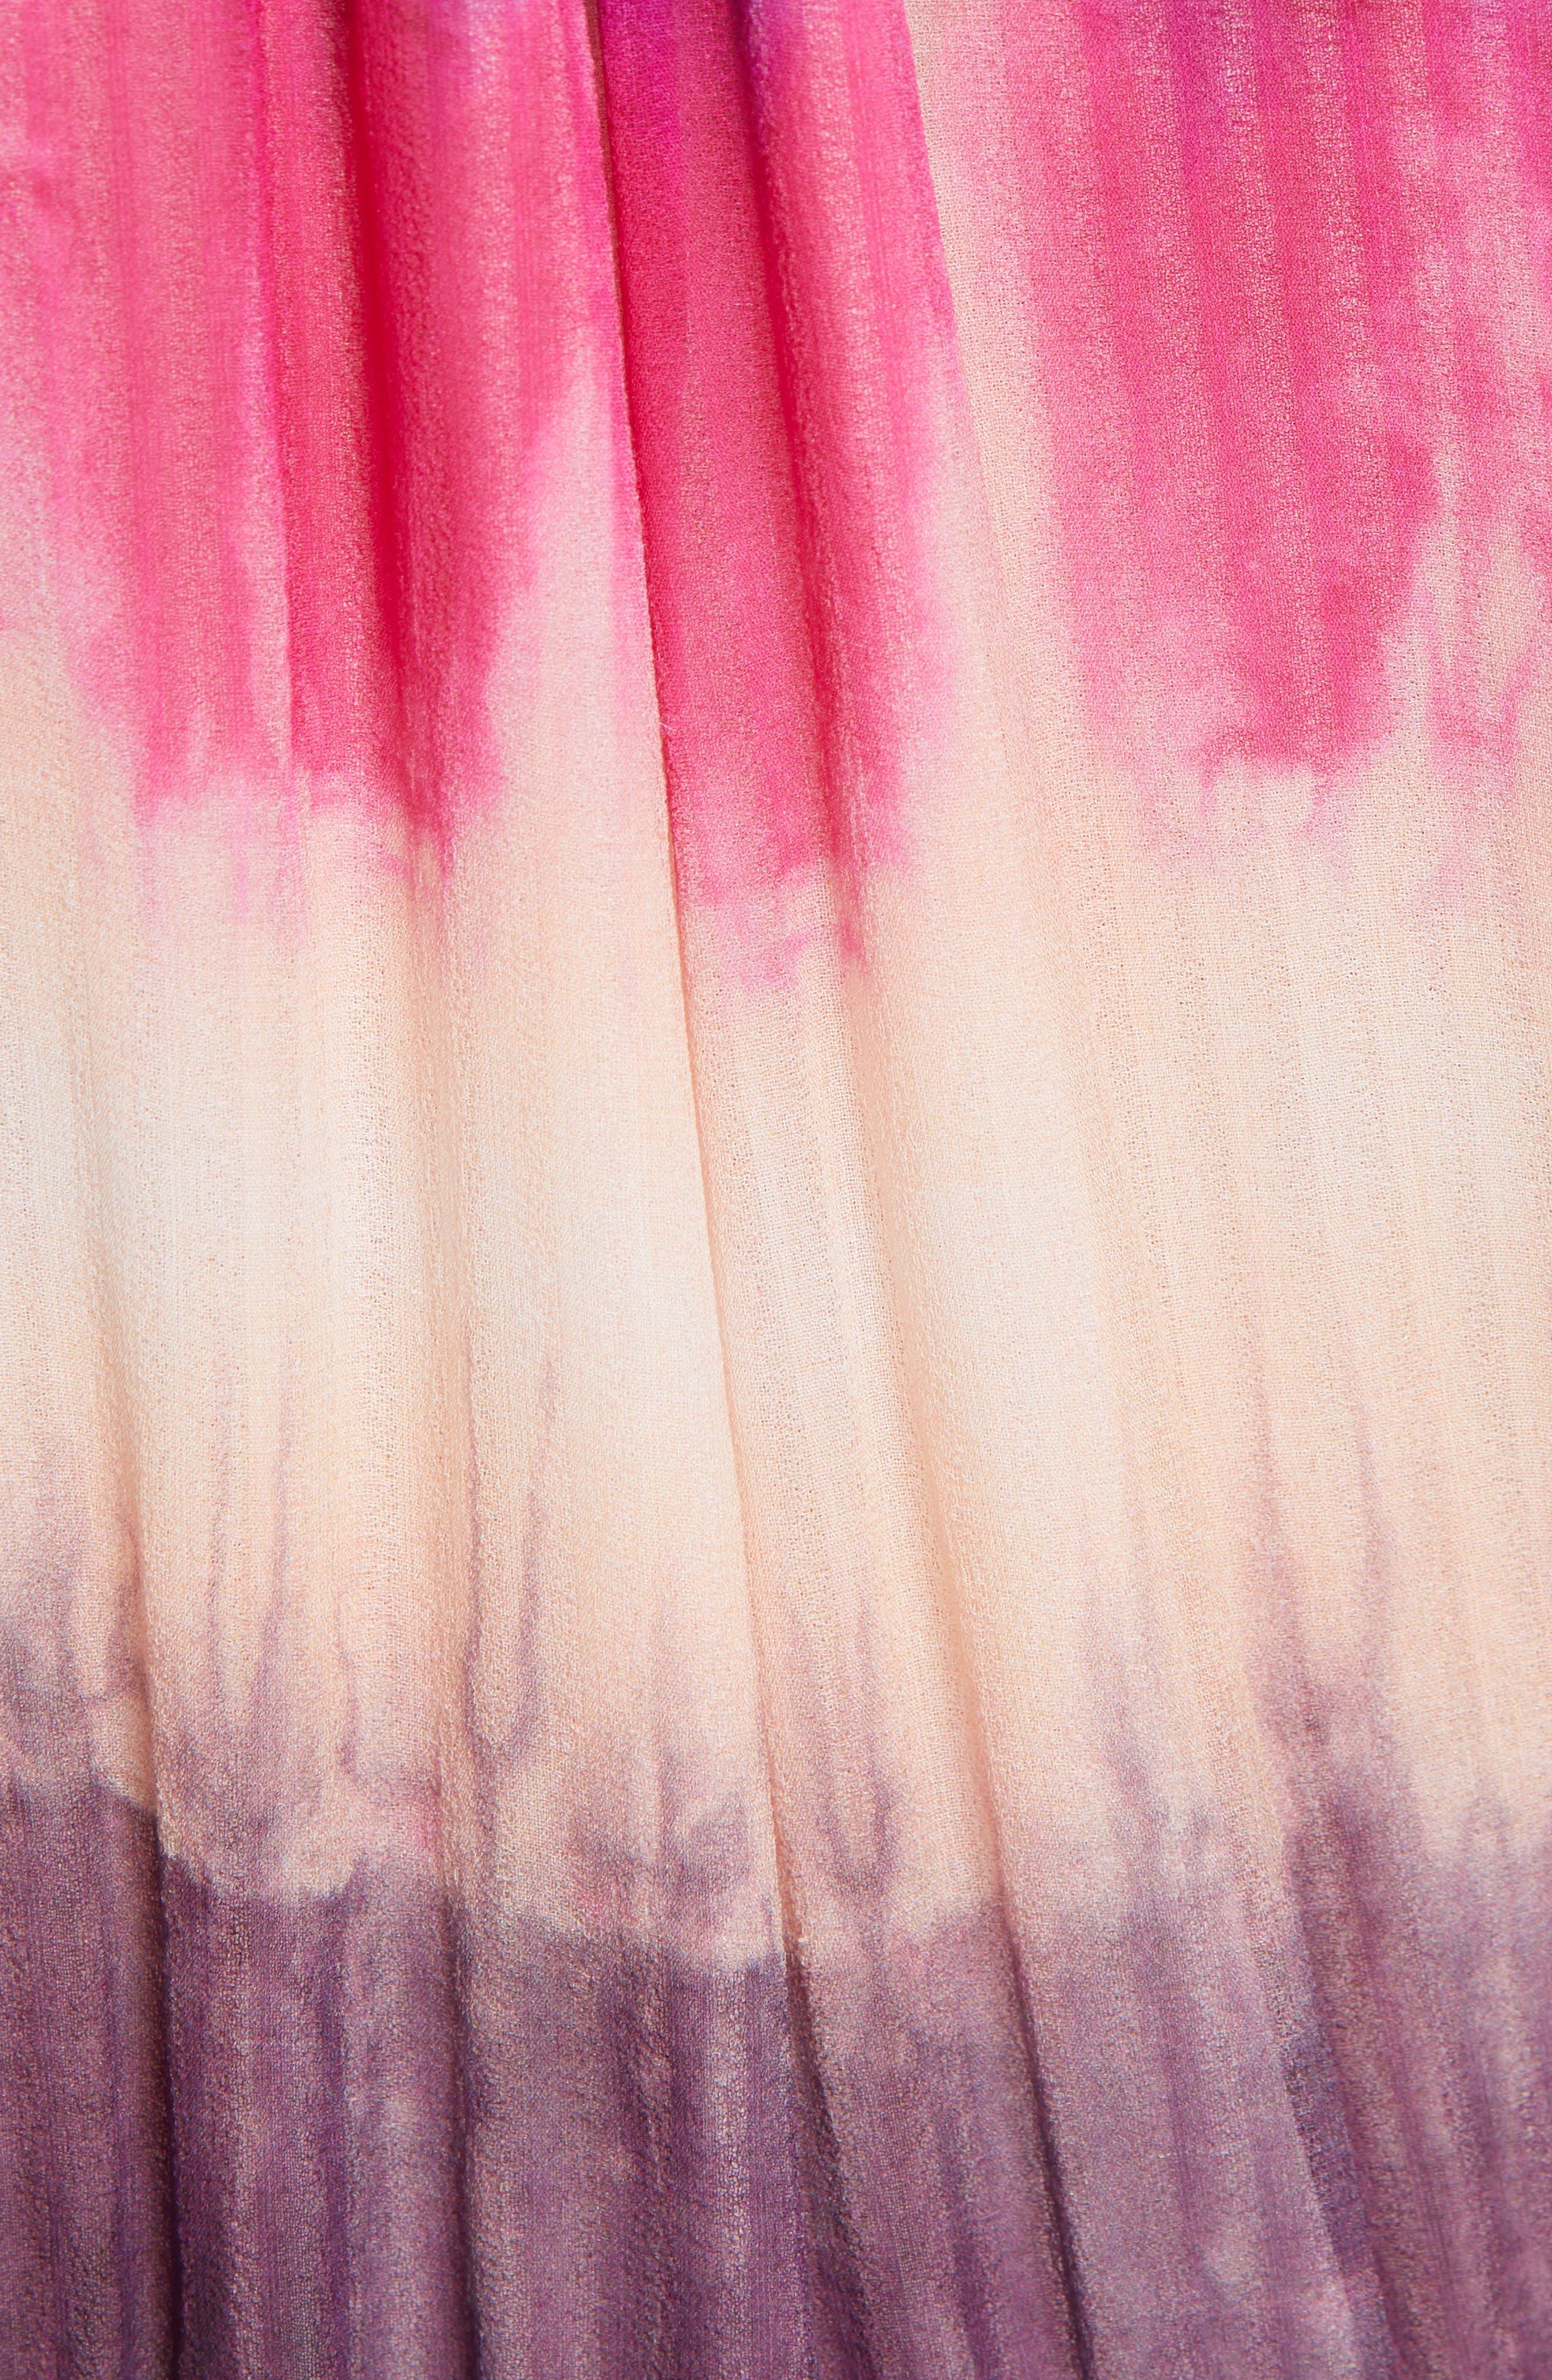 TANYA TAYLOR, Valeria Tie Dye Silk Faux Wrap Dress, Alternate thumbnail 5, color, TIE DYE STRIPE